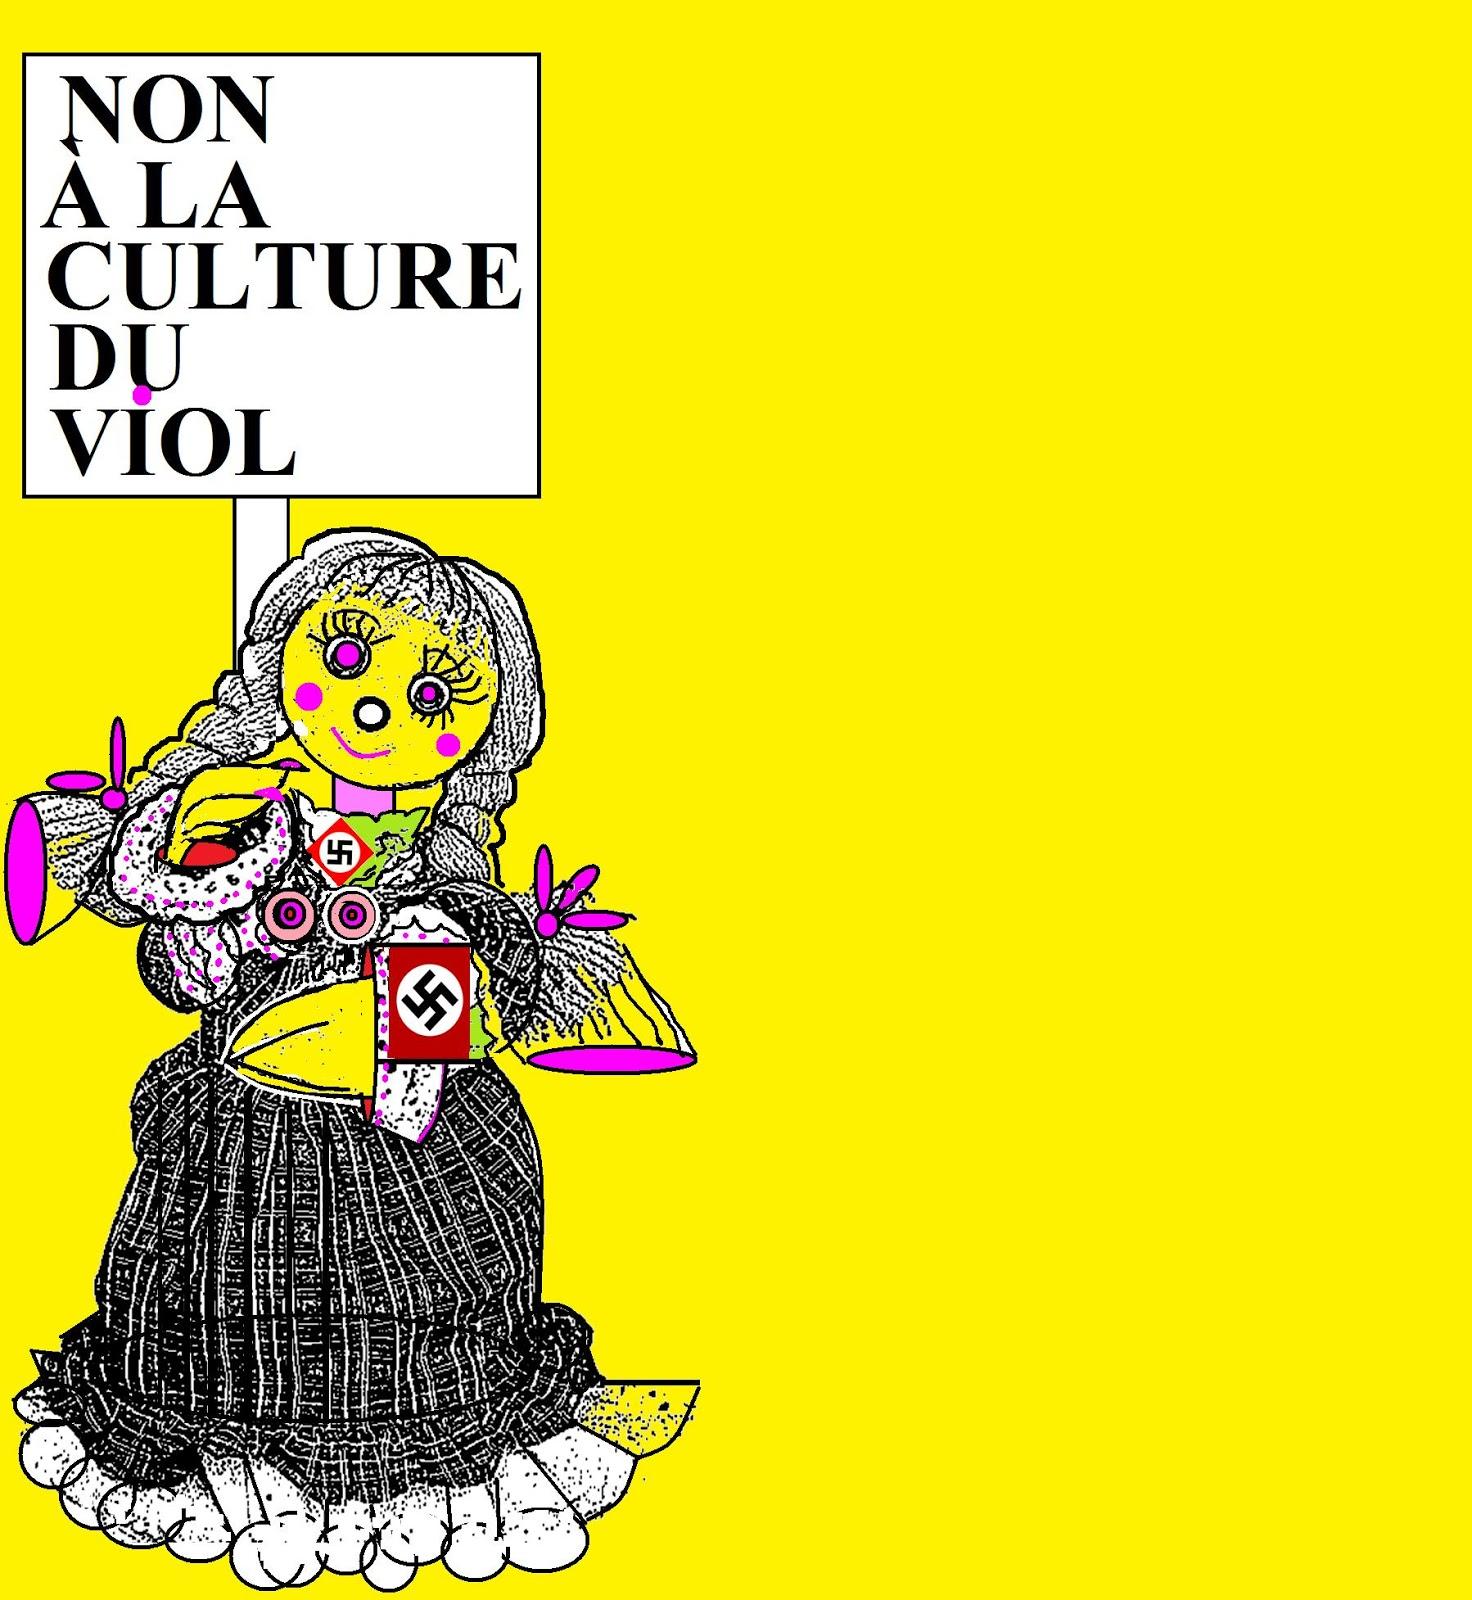 douteur  6912  art social  art politique  art contemporain  art conceptuel  le cerveau collectif